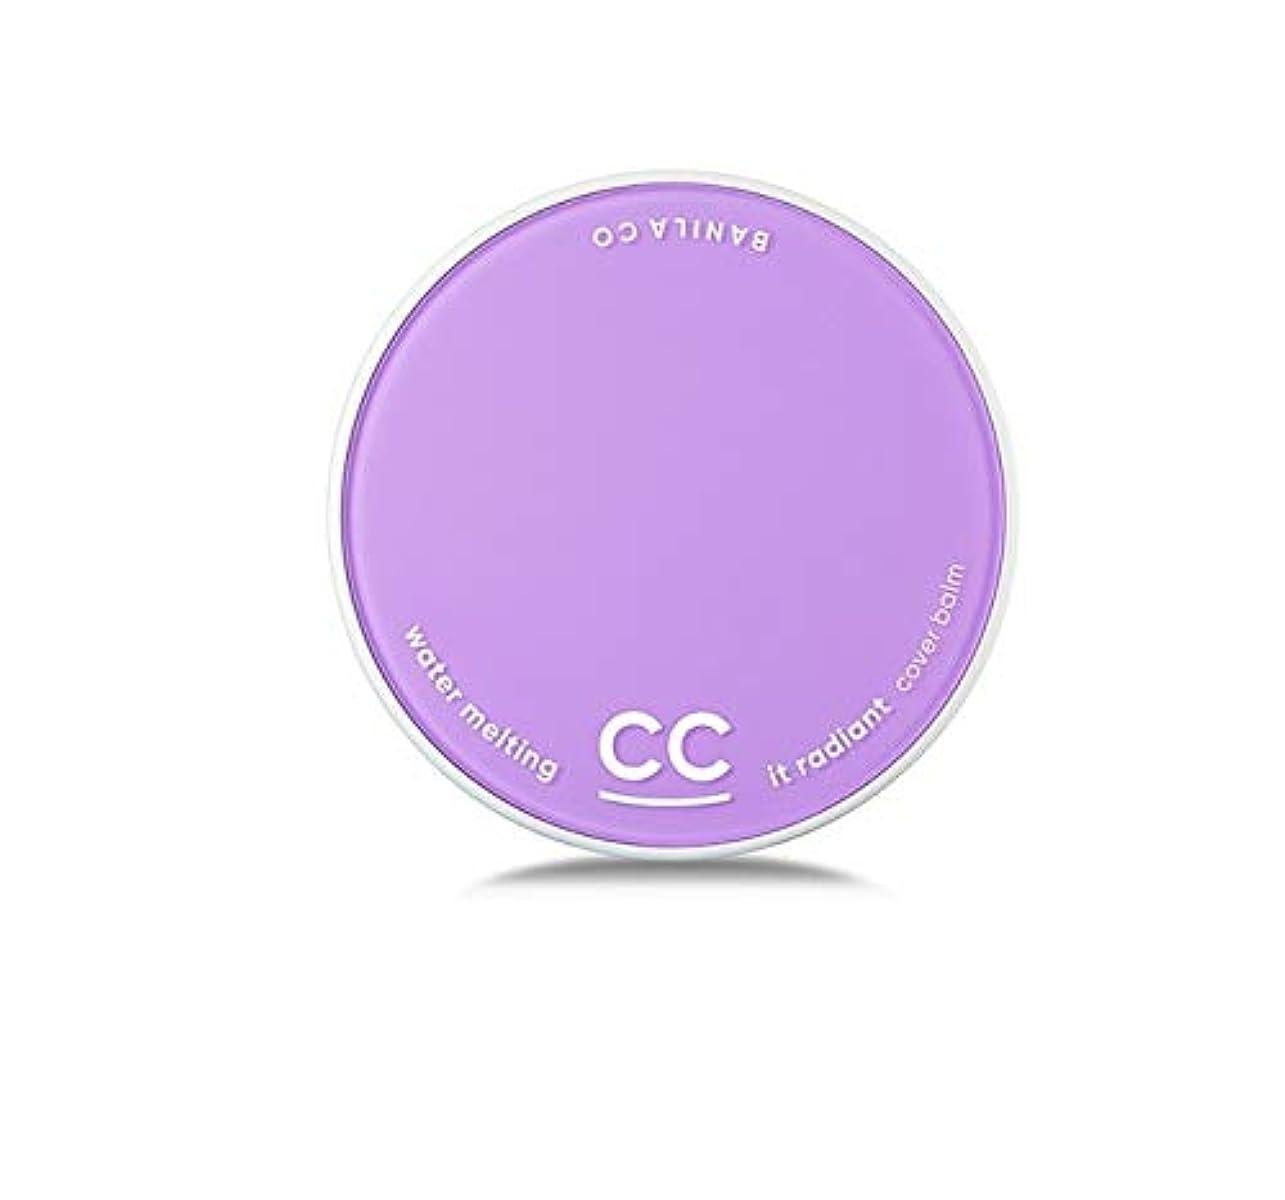 流行有名任命するbanilaco イットラディアントCCエッセンスカバーバーム/It Radiant CC Essence Cover Balm 15g # Light Beige [並行輸入品]